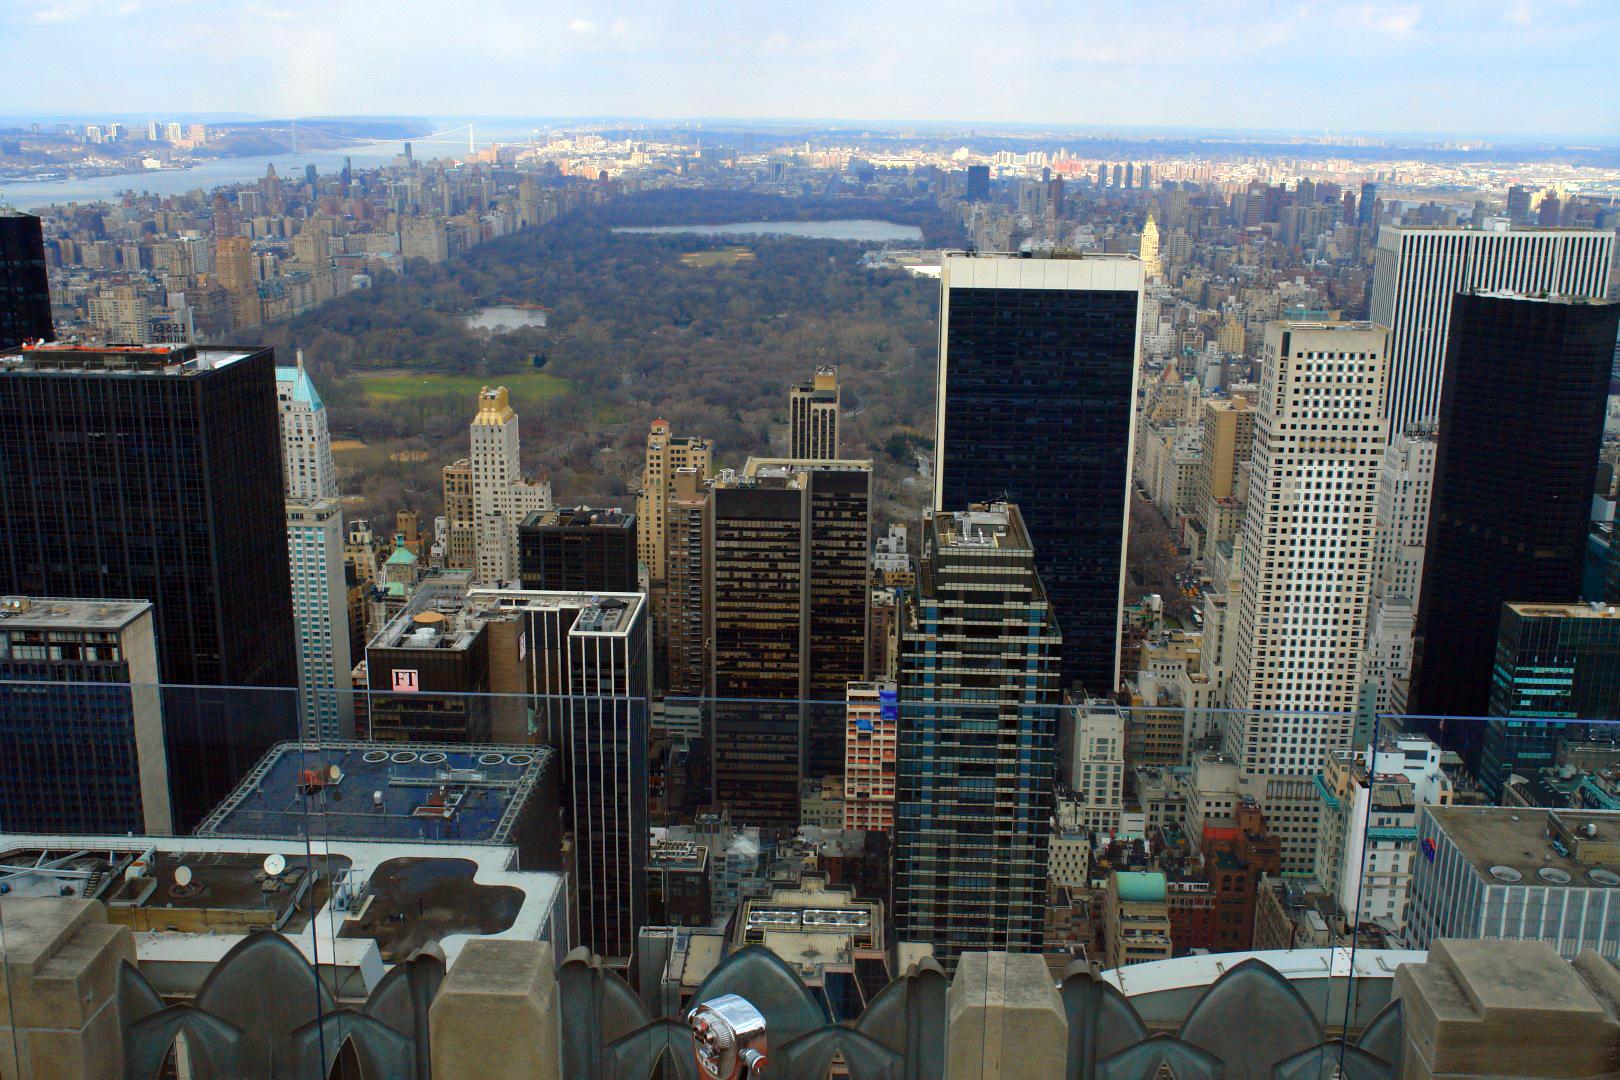 Qué hacer y ver en Nueva York qué hacer y ver en nueva york - 30774750000 e258bbb256 o - Qué hacer y ver en Nueva York